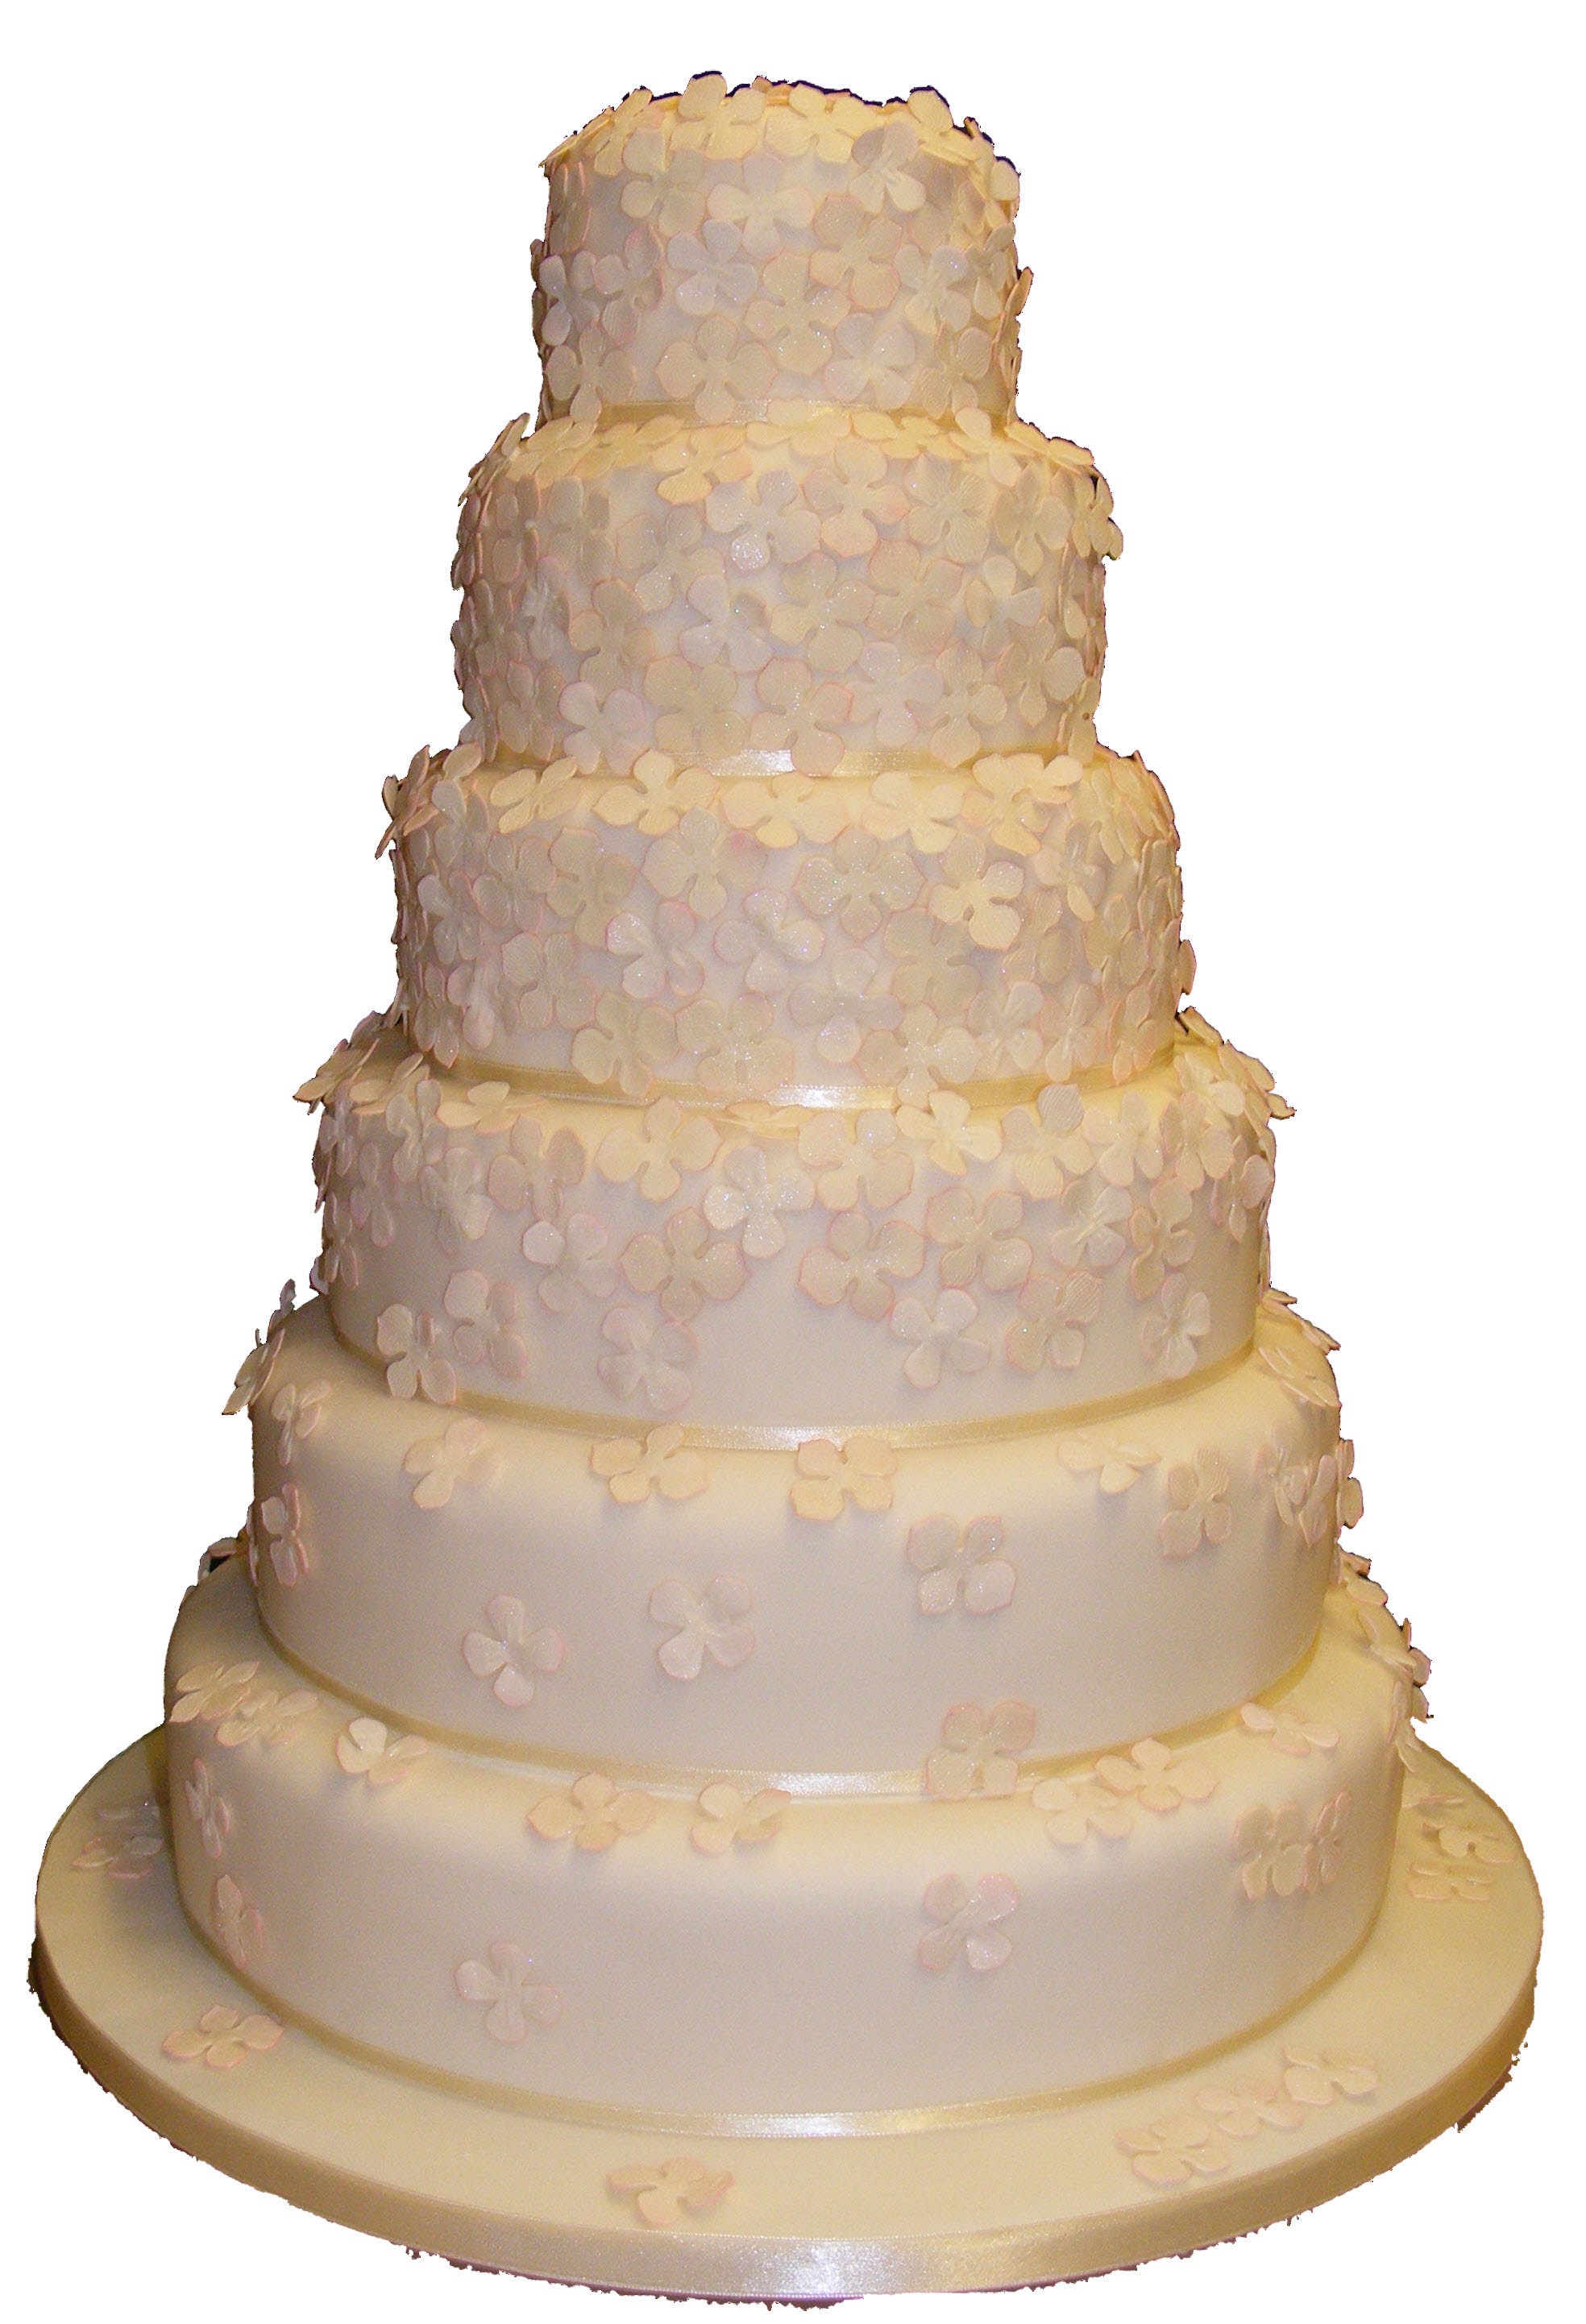 Large Wedding Cakes  Wedding Cakes – Barker Bakes Ltd